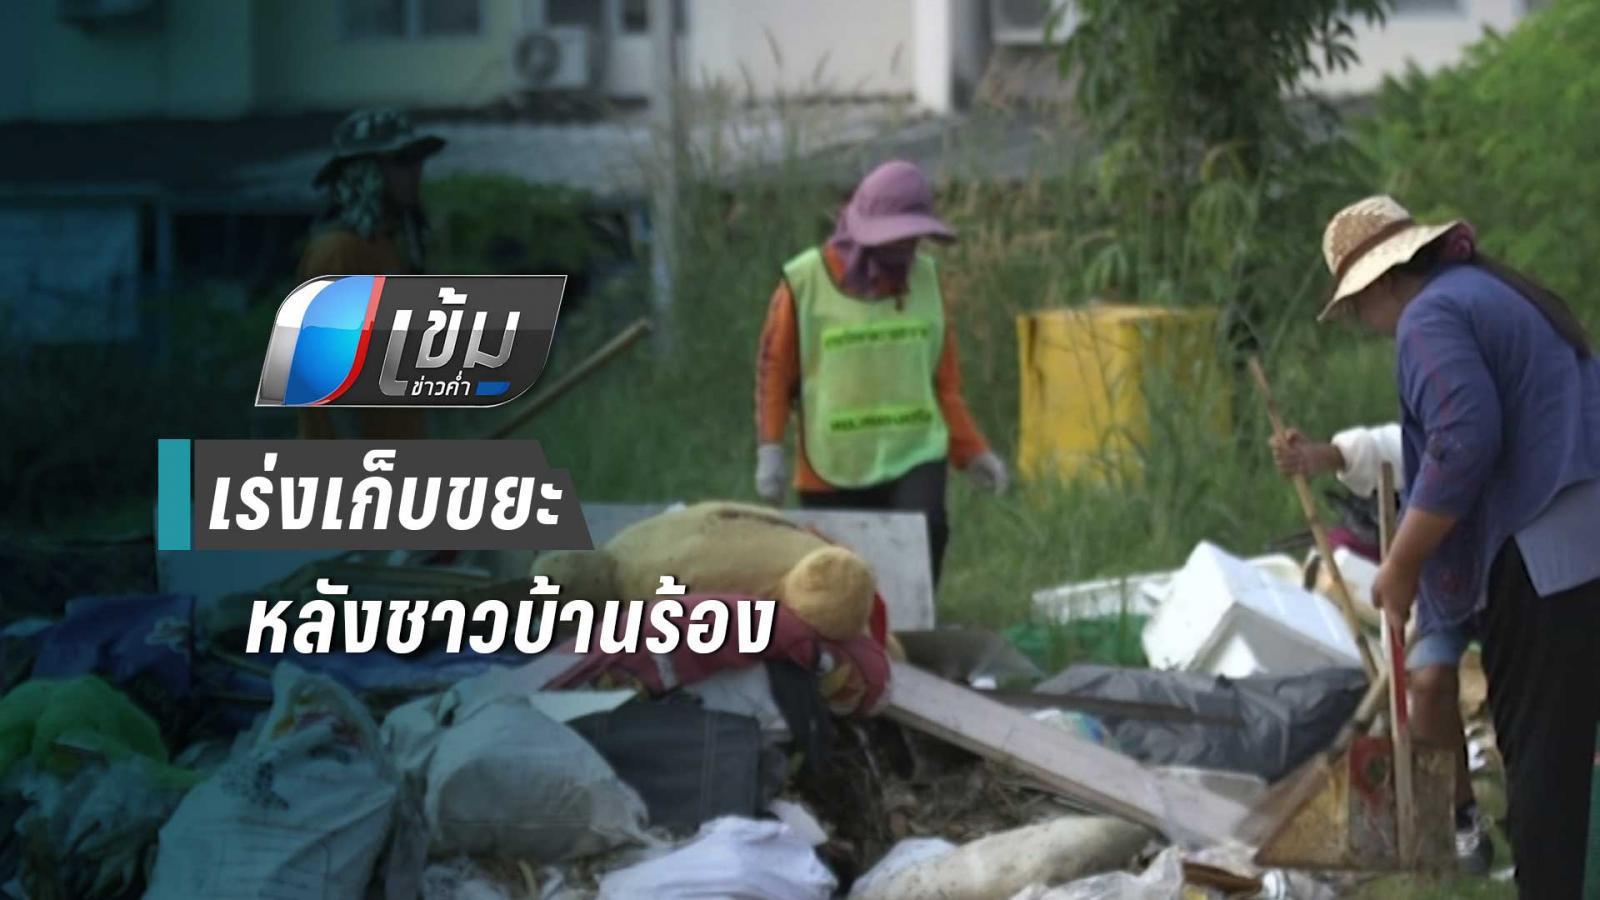 เทศบาลเมืองหนองปรือ ชลบุรี เร่งเก็บขยะกองทิ้ง1 ปี หลังชาวบ้านร้อง